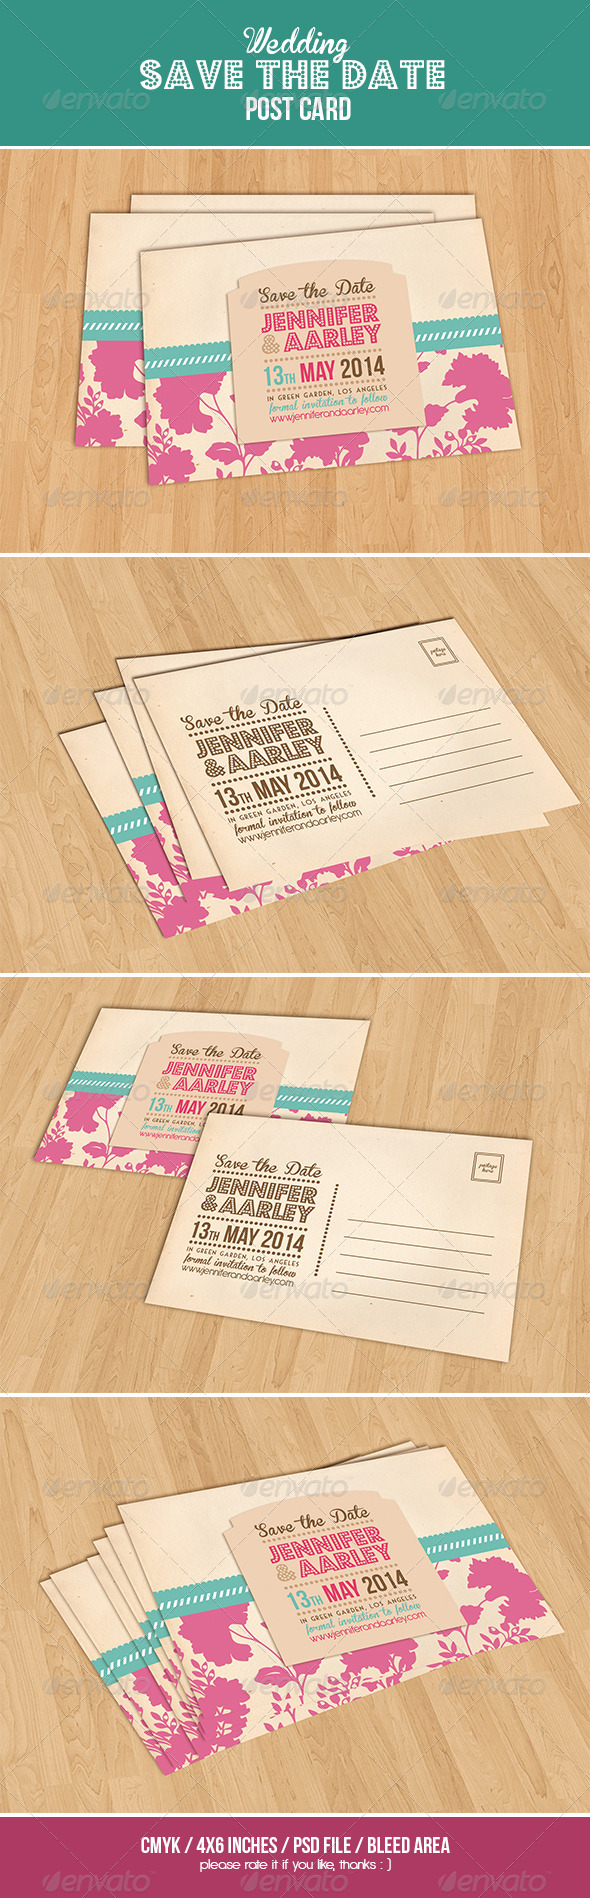 GraphicRiver Wedding Invitation Post Card 6366282